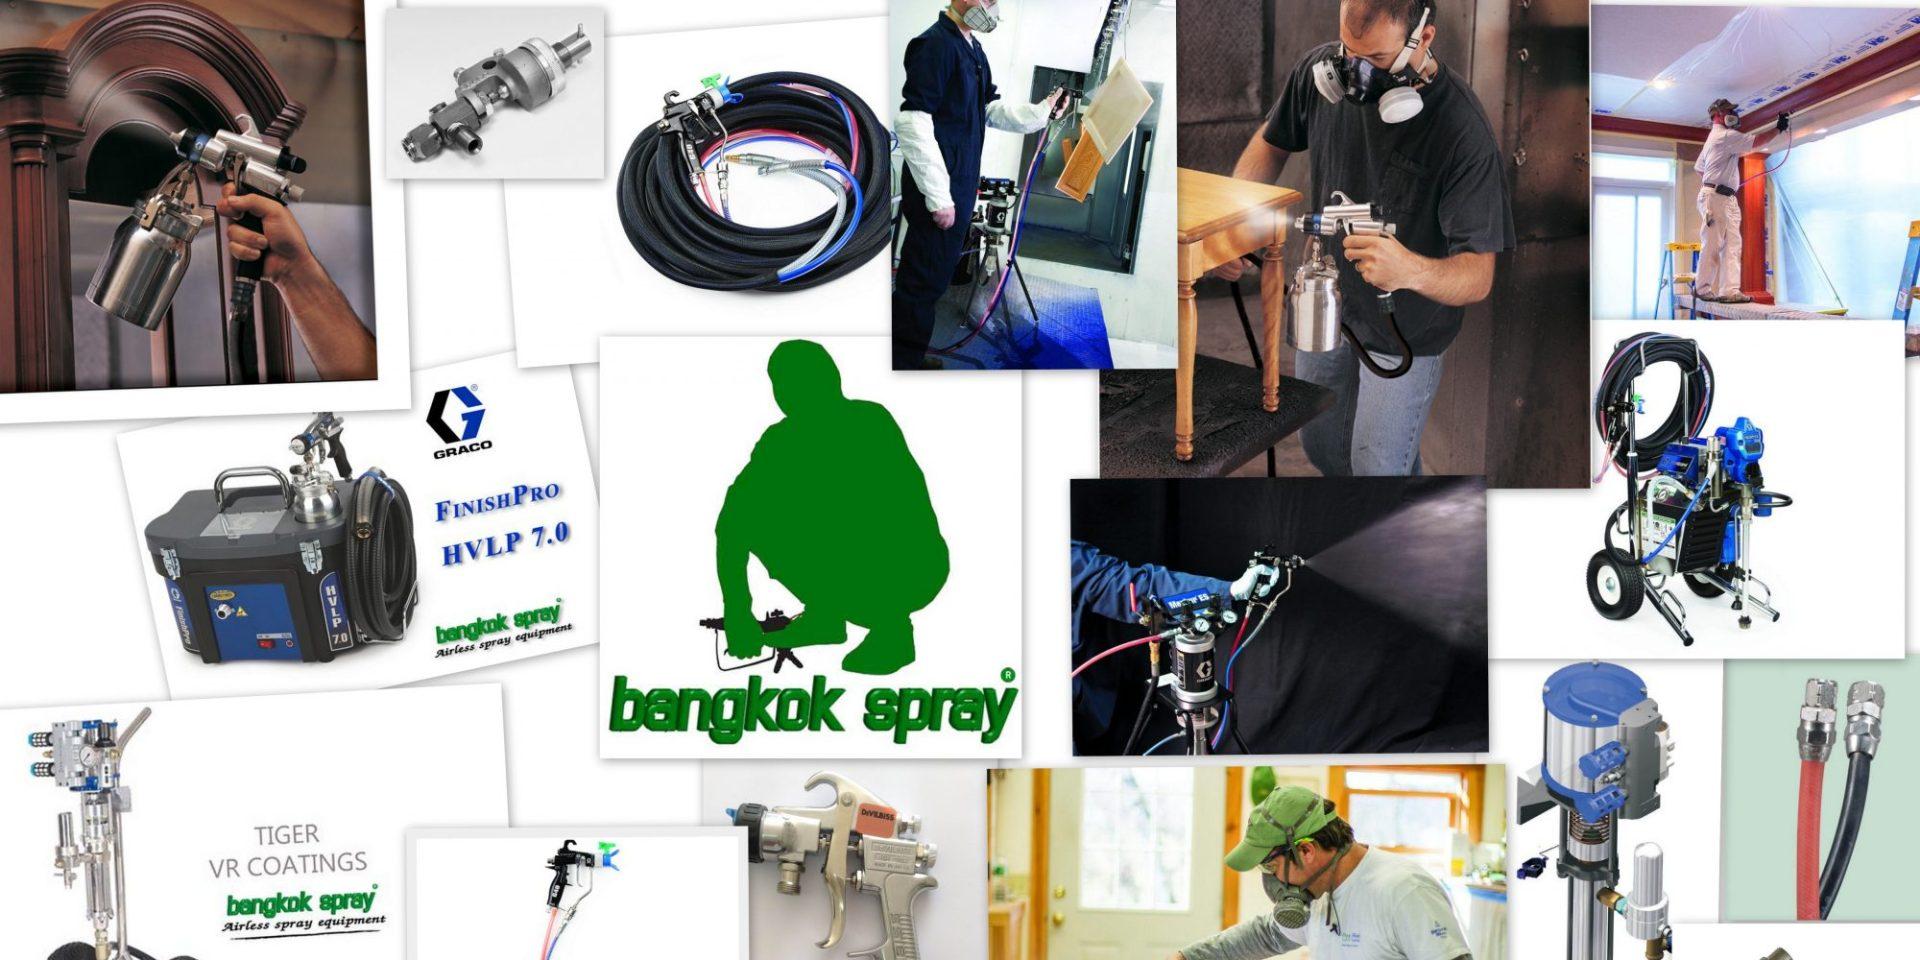 เครื่องพ่นสี|bangkokspray